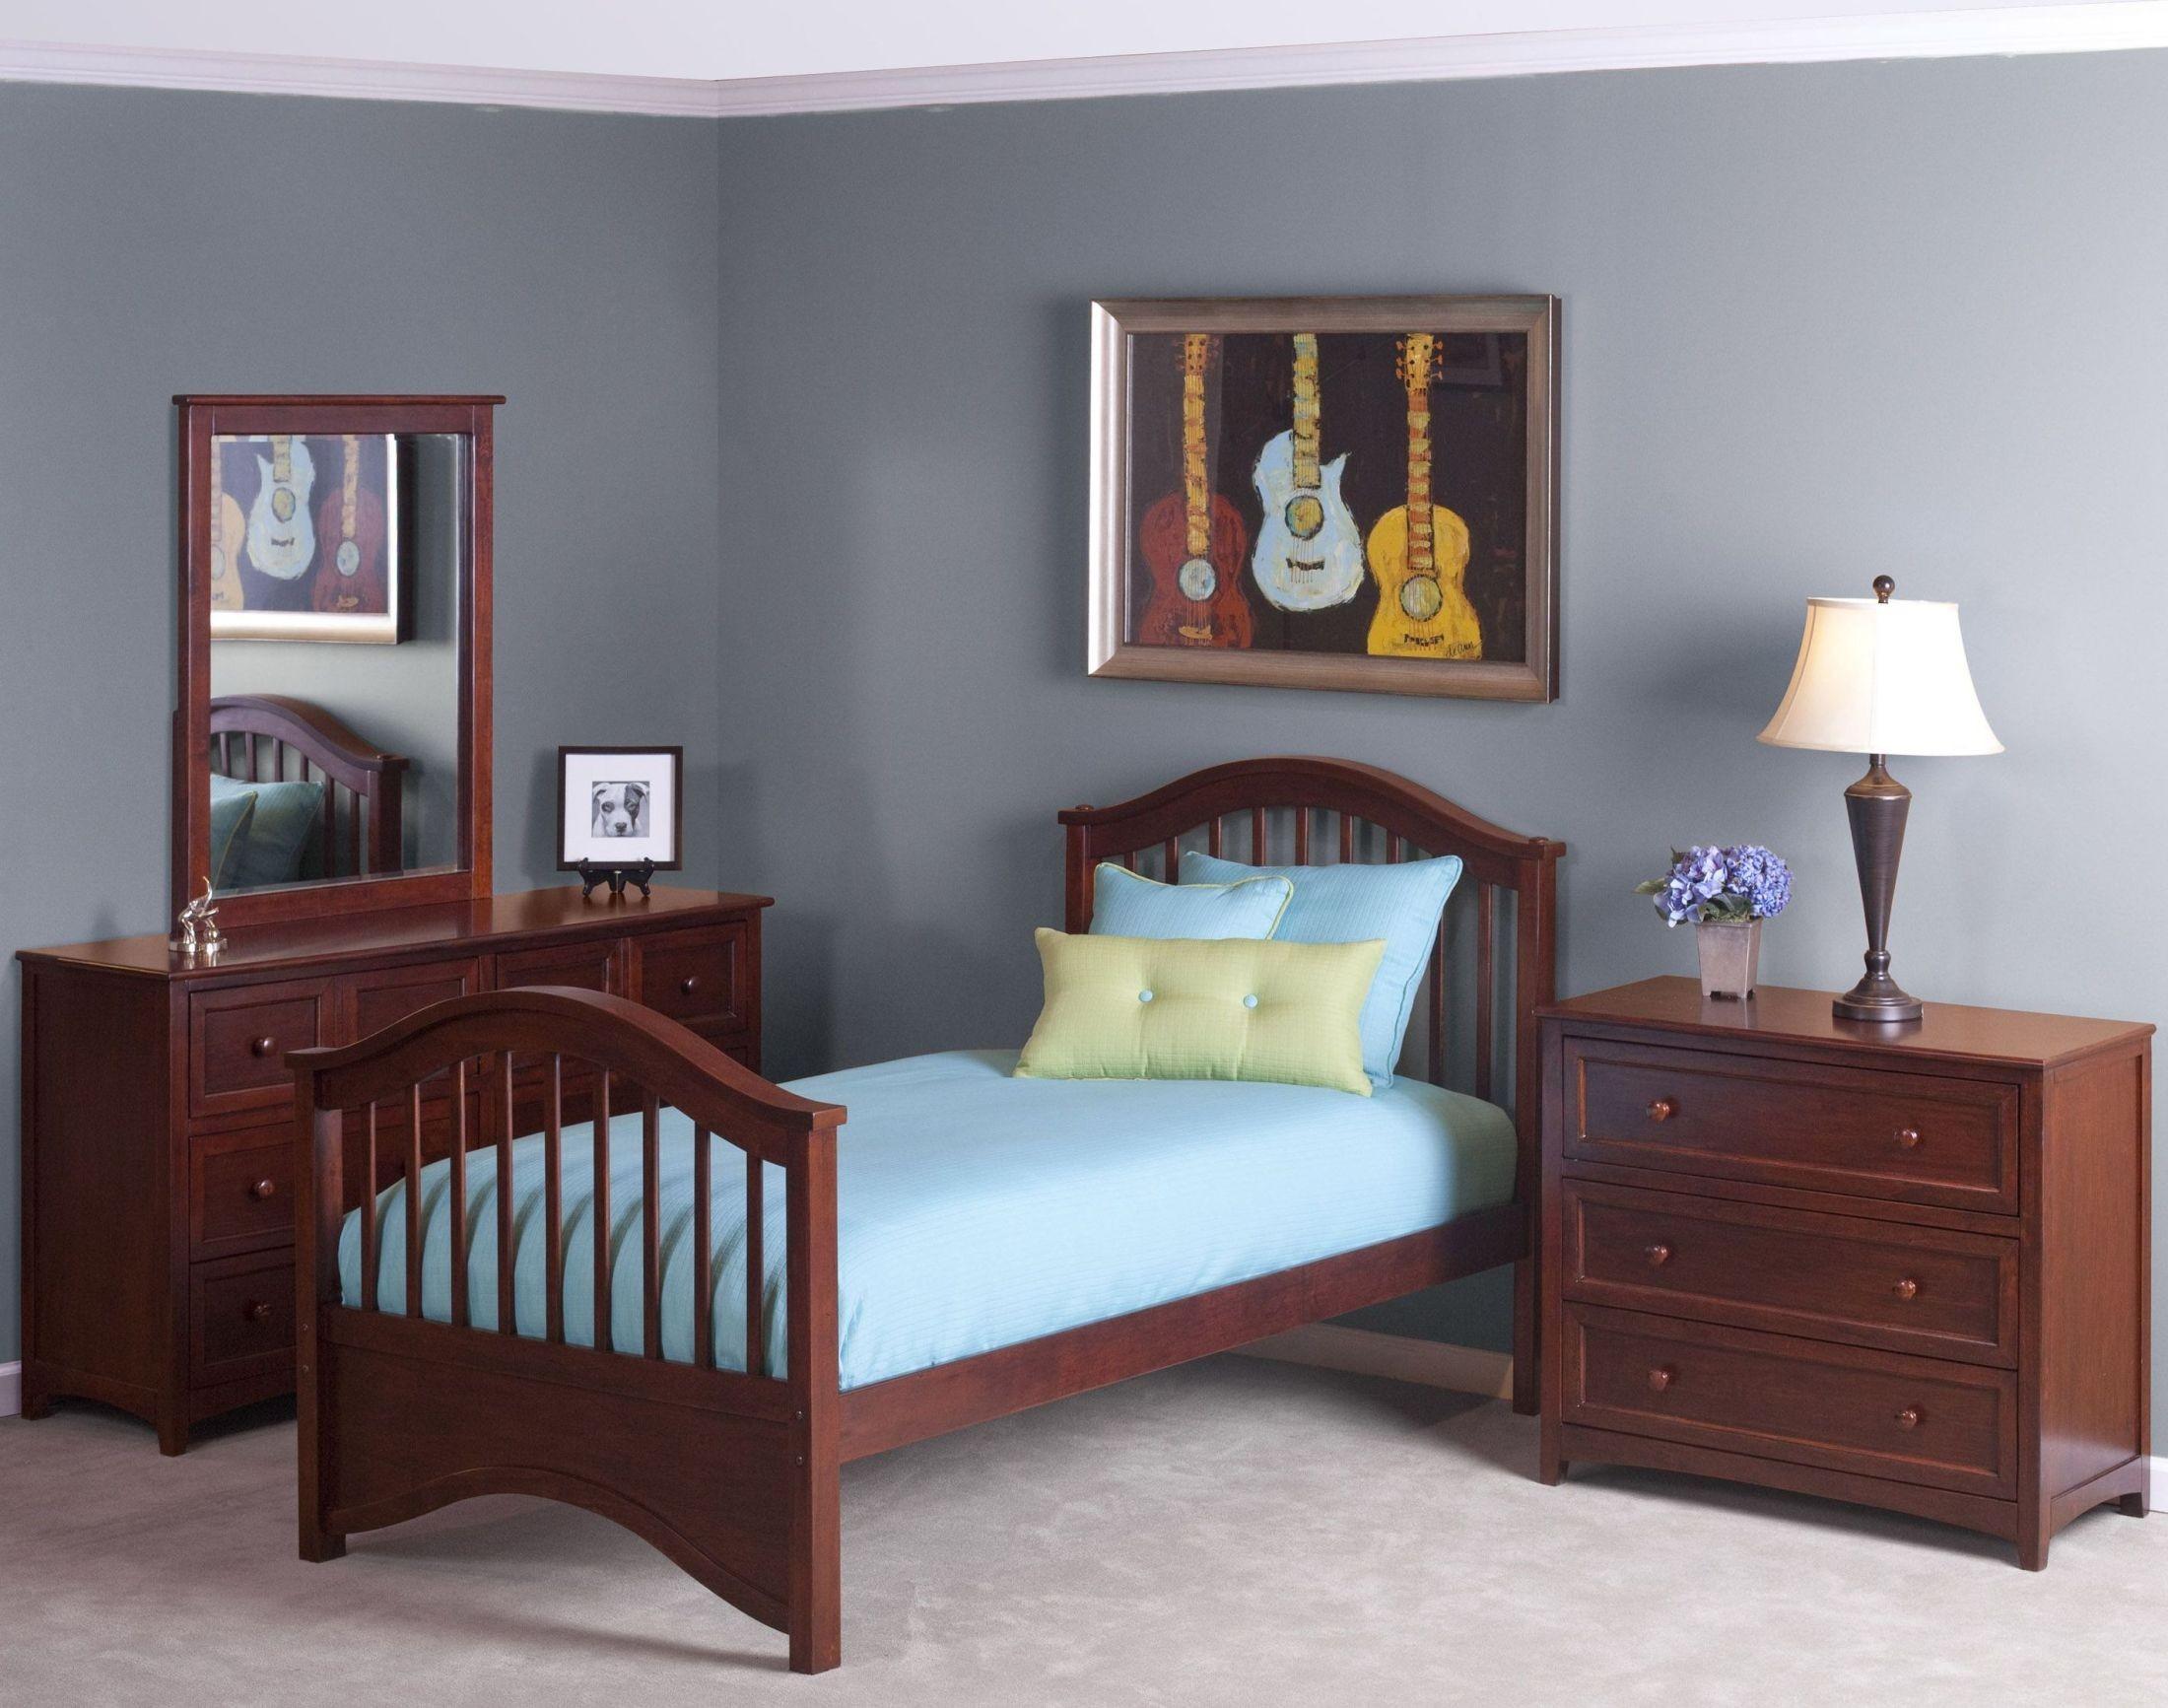 School house cherry jordan youth panel bedroom set from ne kids coleman furniture for Jordans furniture bedroom sets